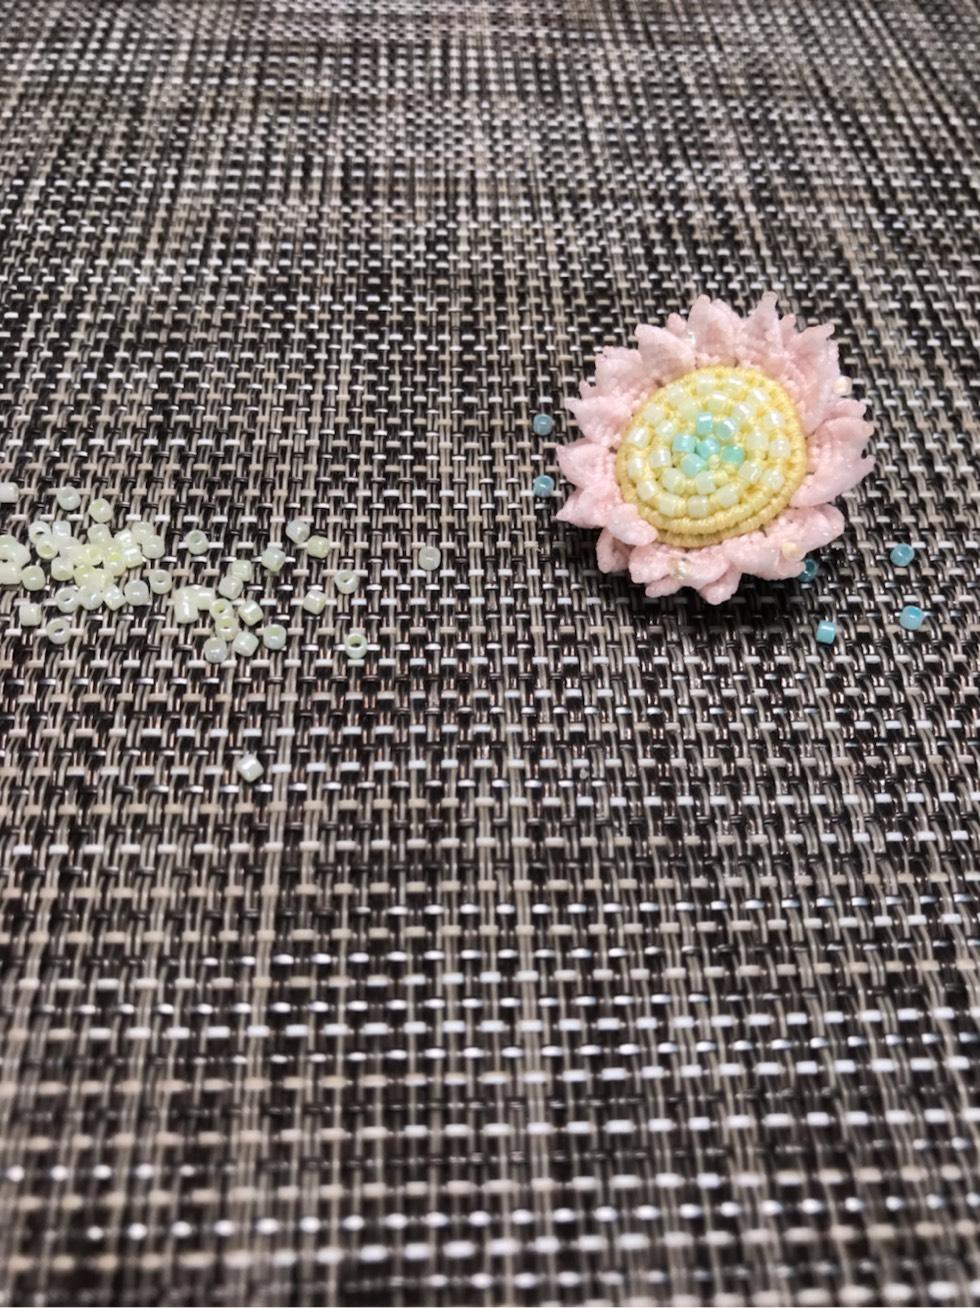 中国结论坛 奶油向日葵 向日葵奶油花做法,奶油向日葵鲜切花,向日葵裱花蛋糕,奶油向日葵别名,奶油向日葵养护 作品展示 221627f44o5v4p1vpgtnot